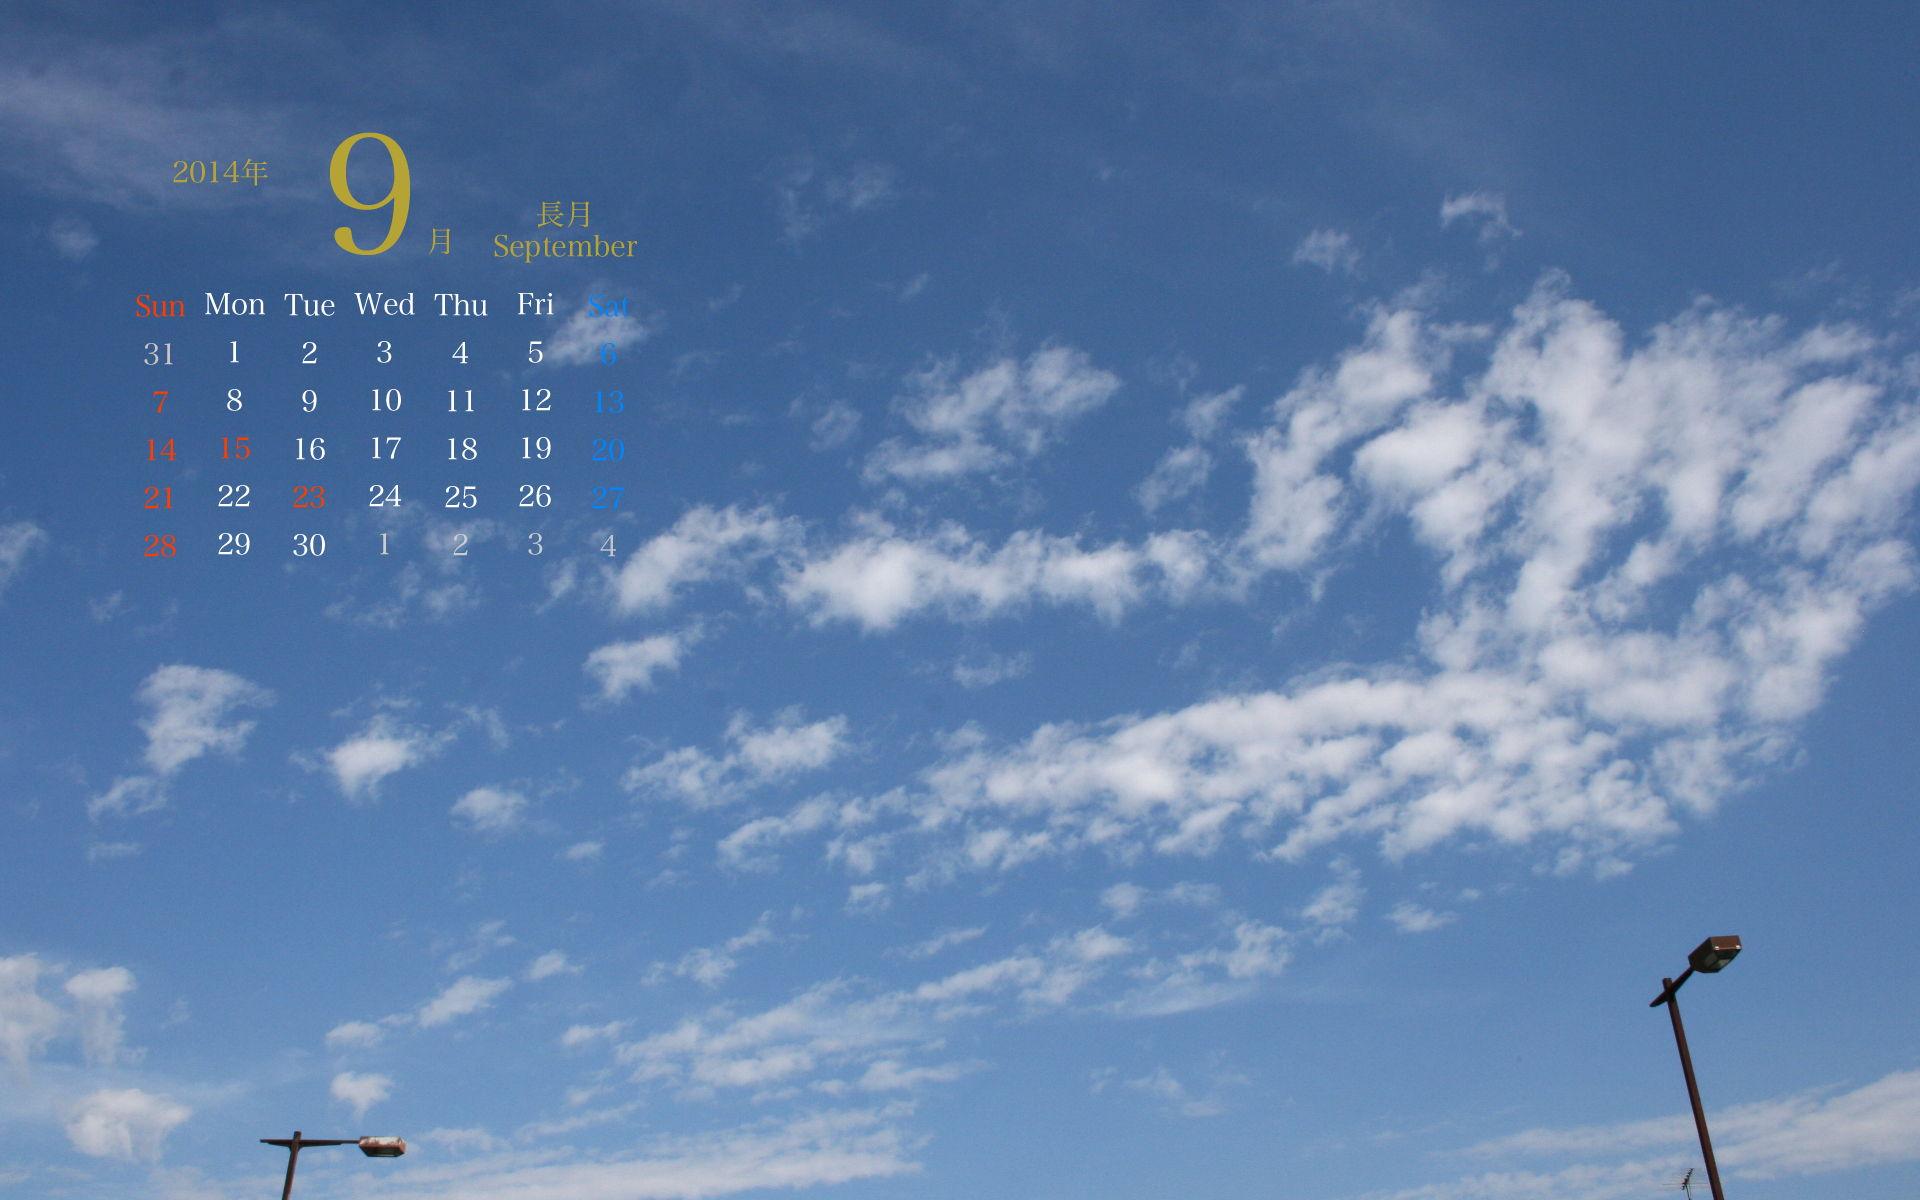 2014年9月pc壁紙 カレンダー付き 2 1920 1200 コンドウセピア Awrd アワード